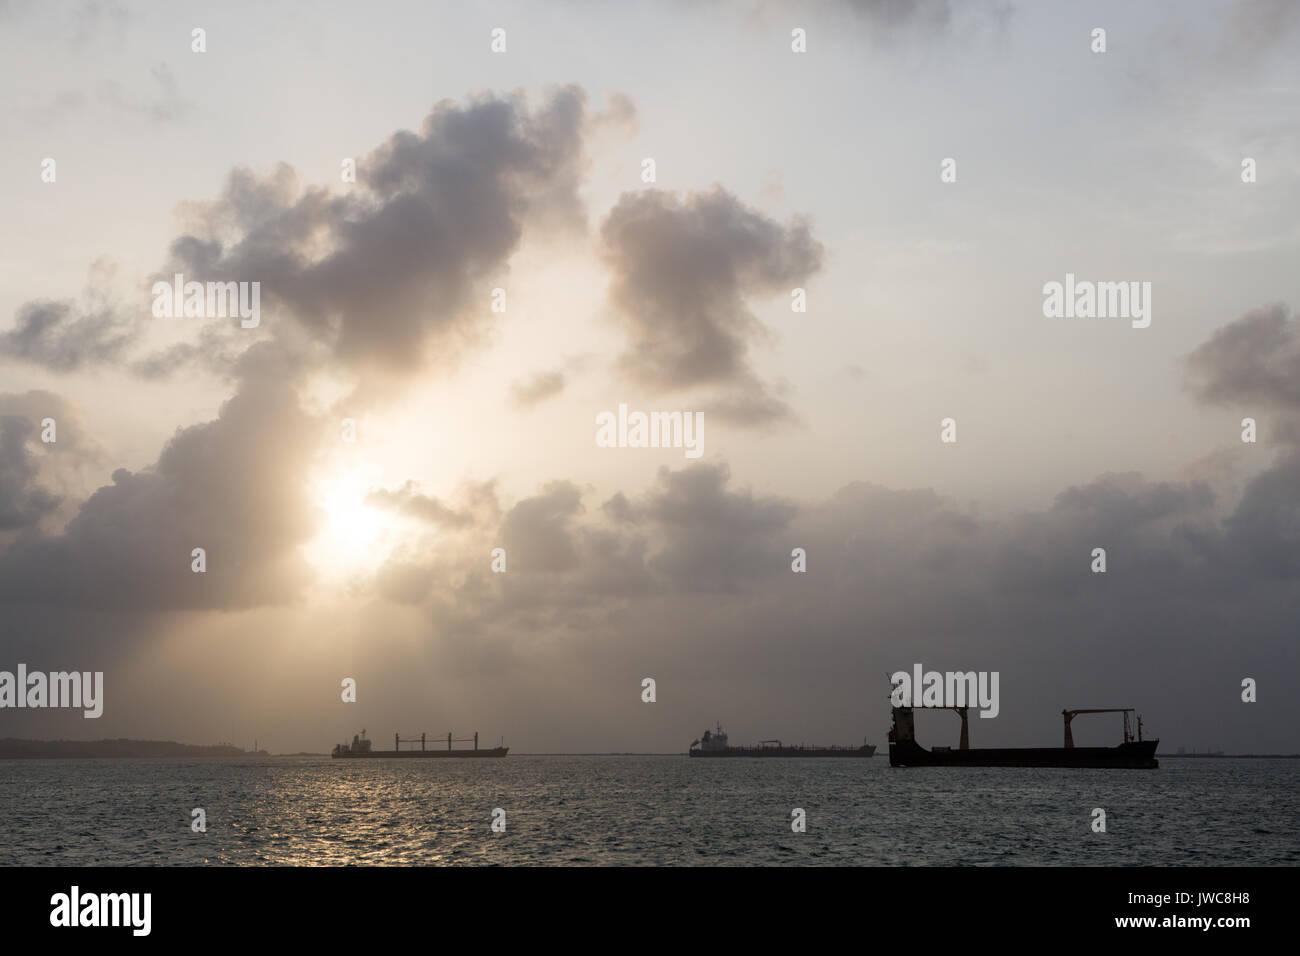 Diversi grandi navi di spedizione e i vettori sono posizionati in Limon Bay in prossimità dell'Oceano Atlantico ingresso del canale di Panama. Immagini Stock